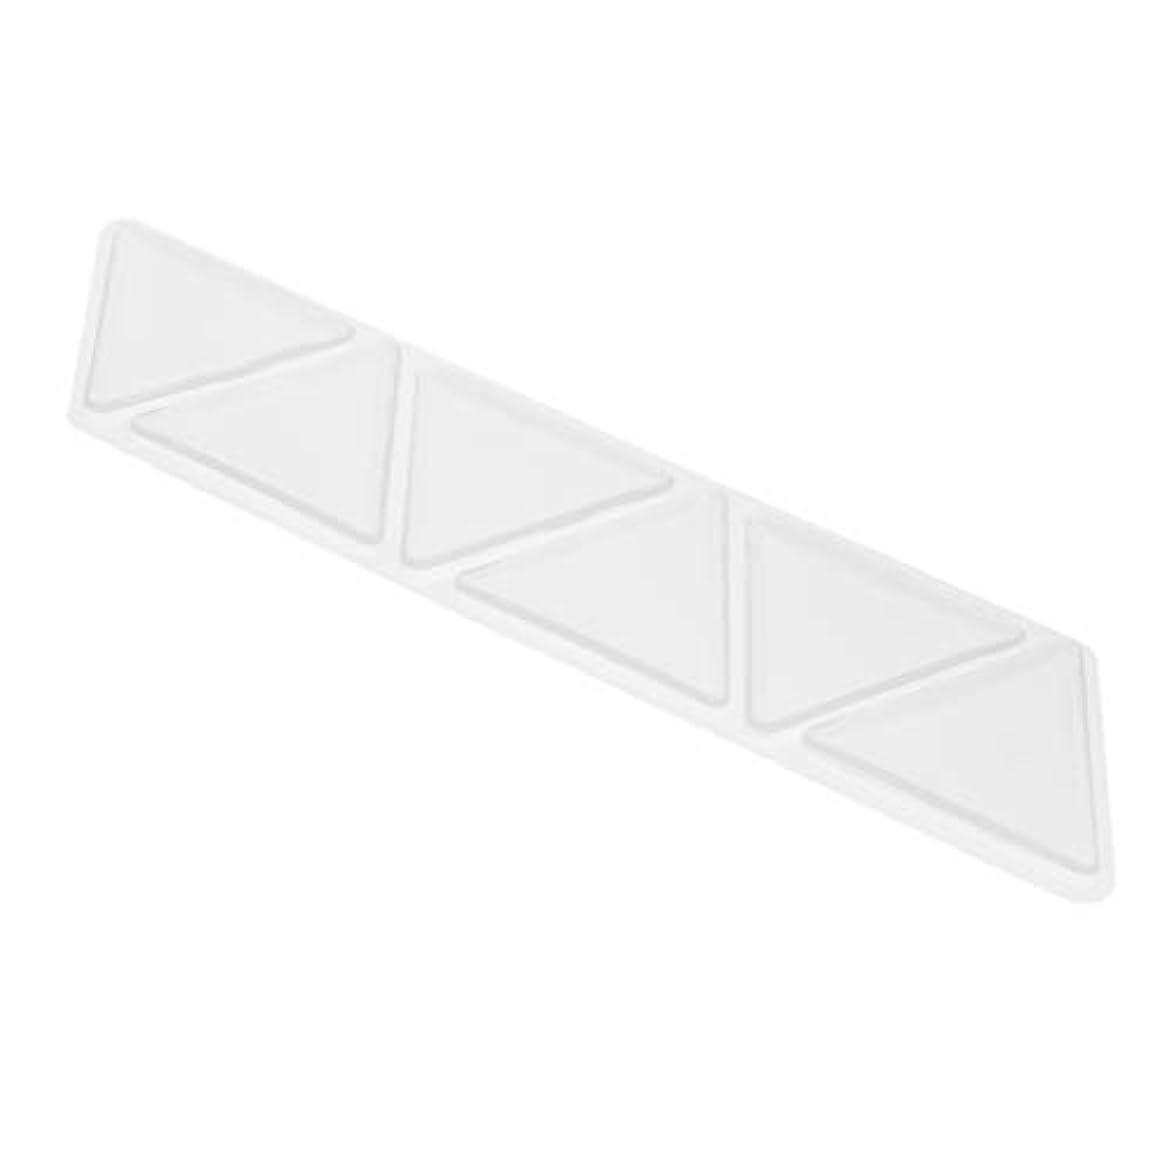 D DOLITY シリコーン アンチリンクル 額 パッド パッチスキンケア 三角パッド 6個セット